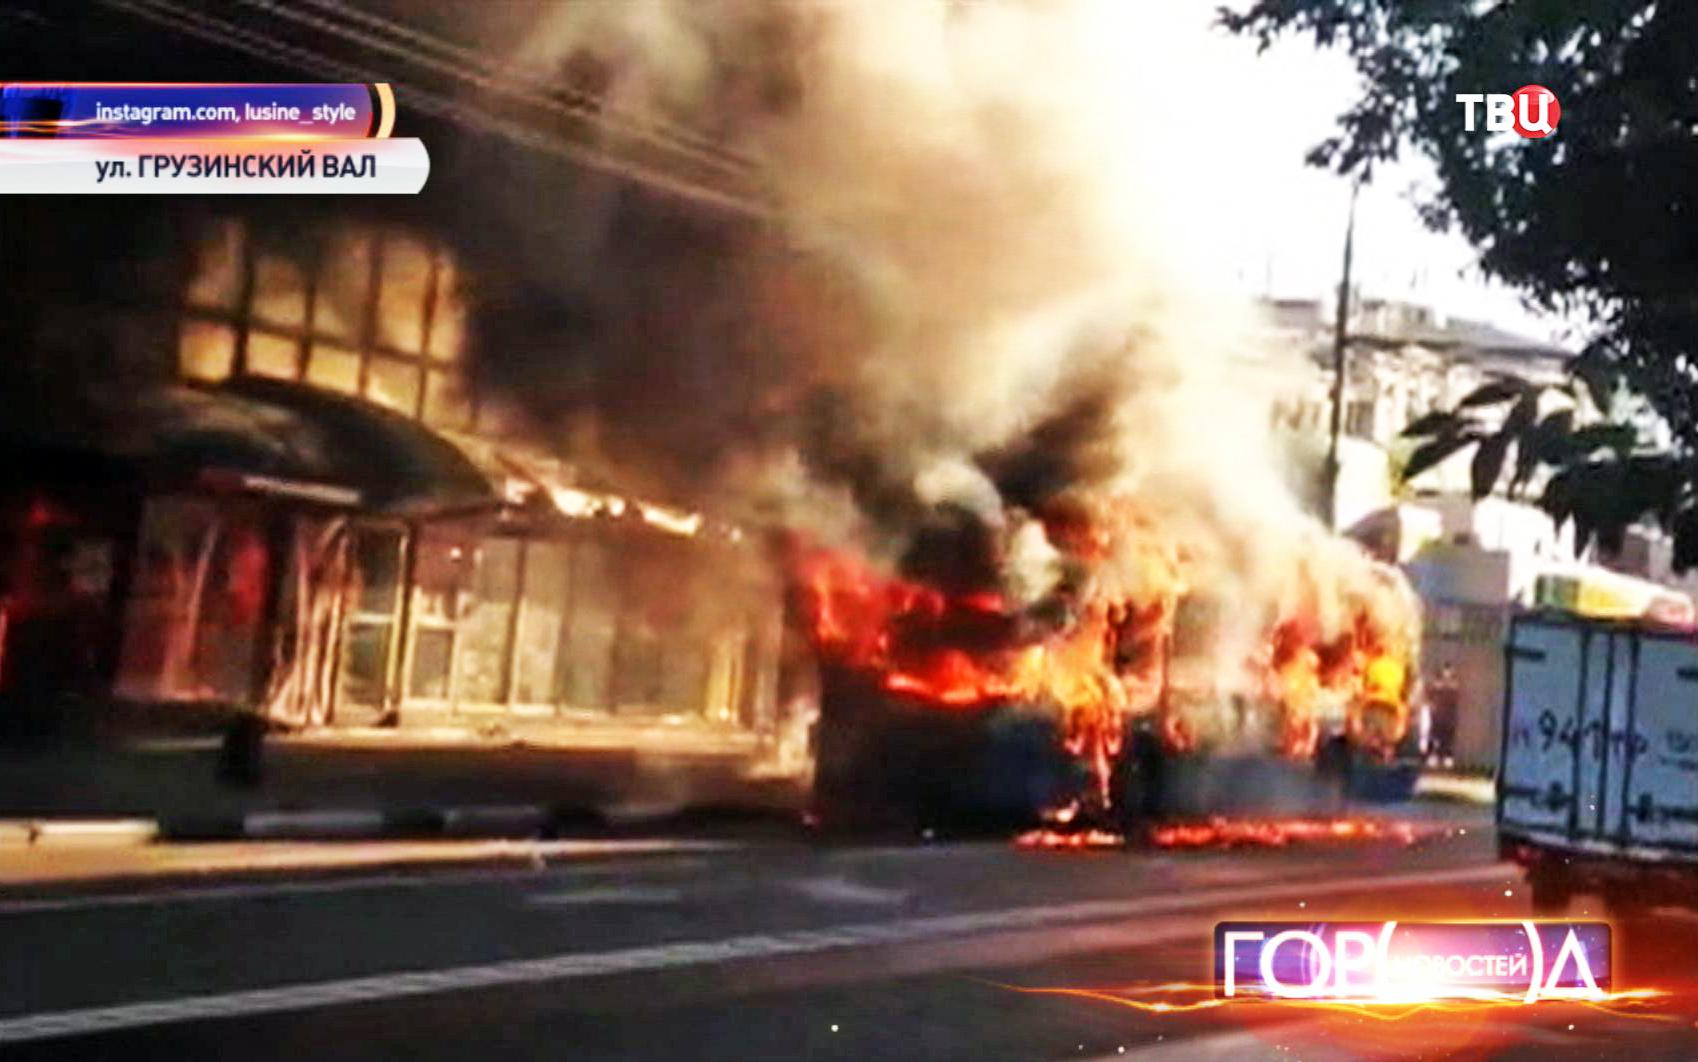 Возгорание троллейбуса на улице Грузинский Вал